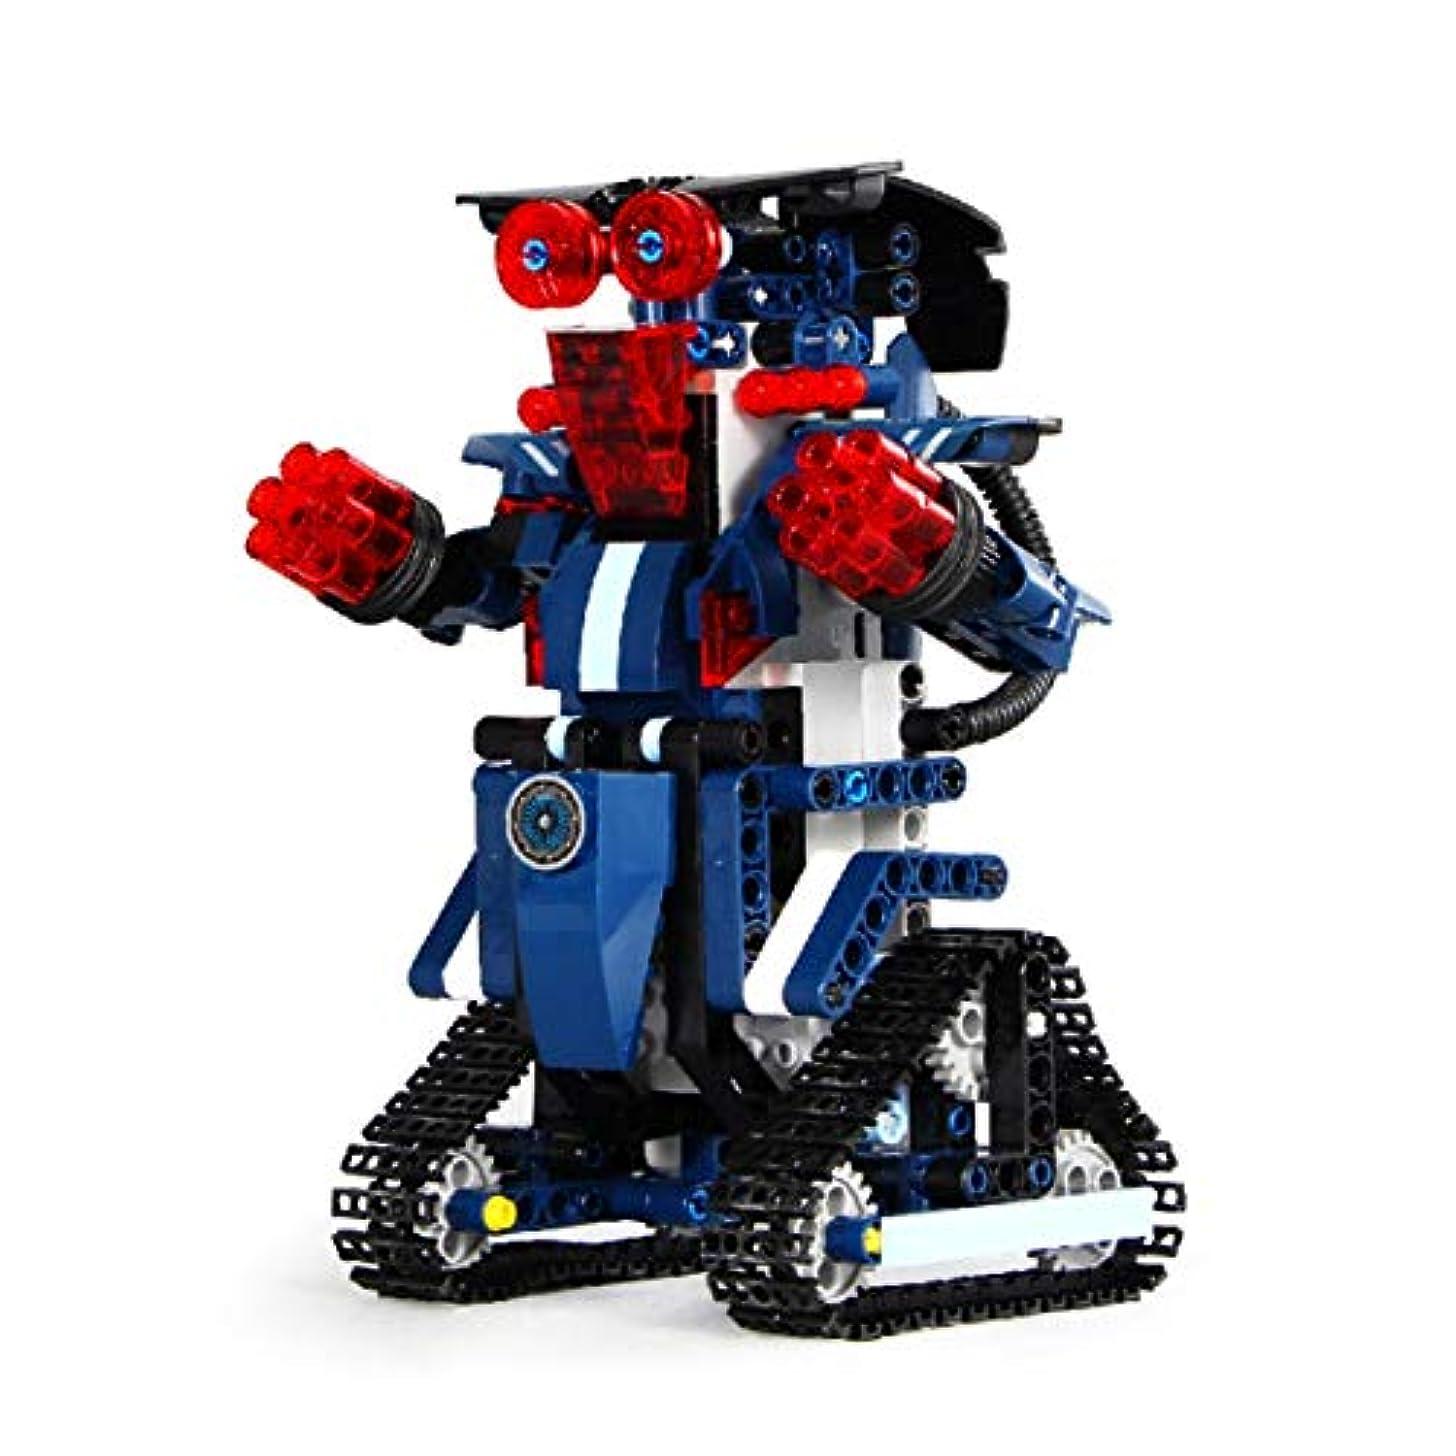 パターン石灰岩送信するRCアプリ制御ロボットDIY組み立ておもちゃ2.4Gスマートリモートコントロールビルディングブロック用男の子女の子キッズギフト多色